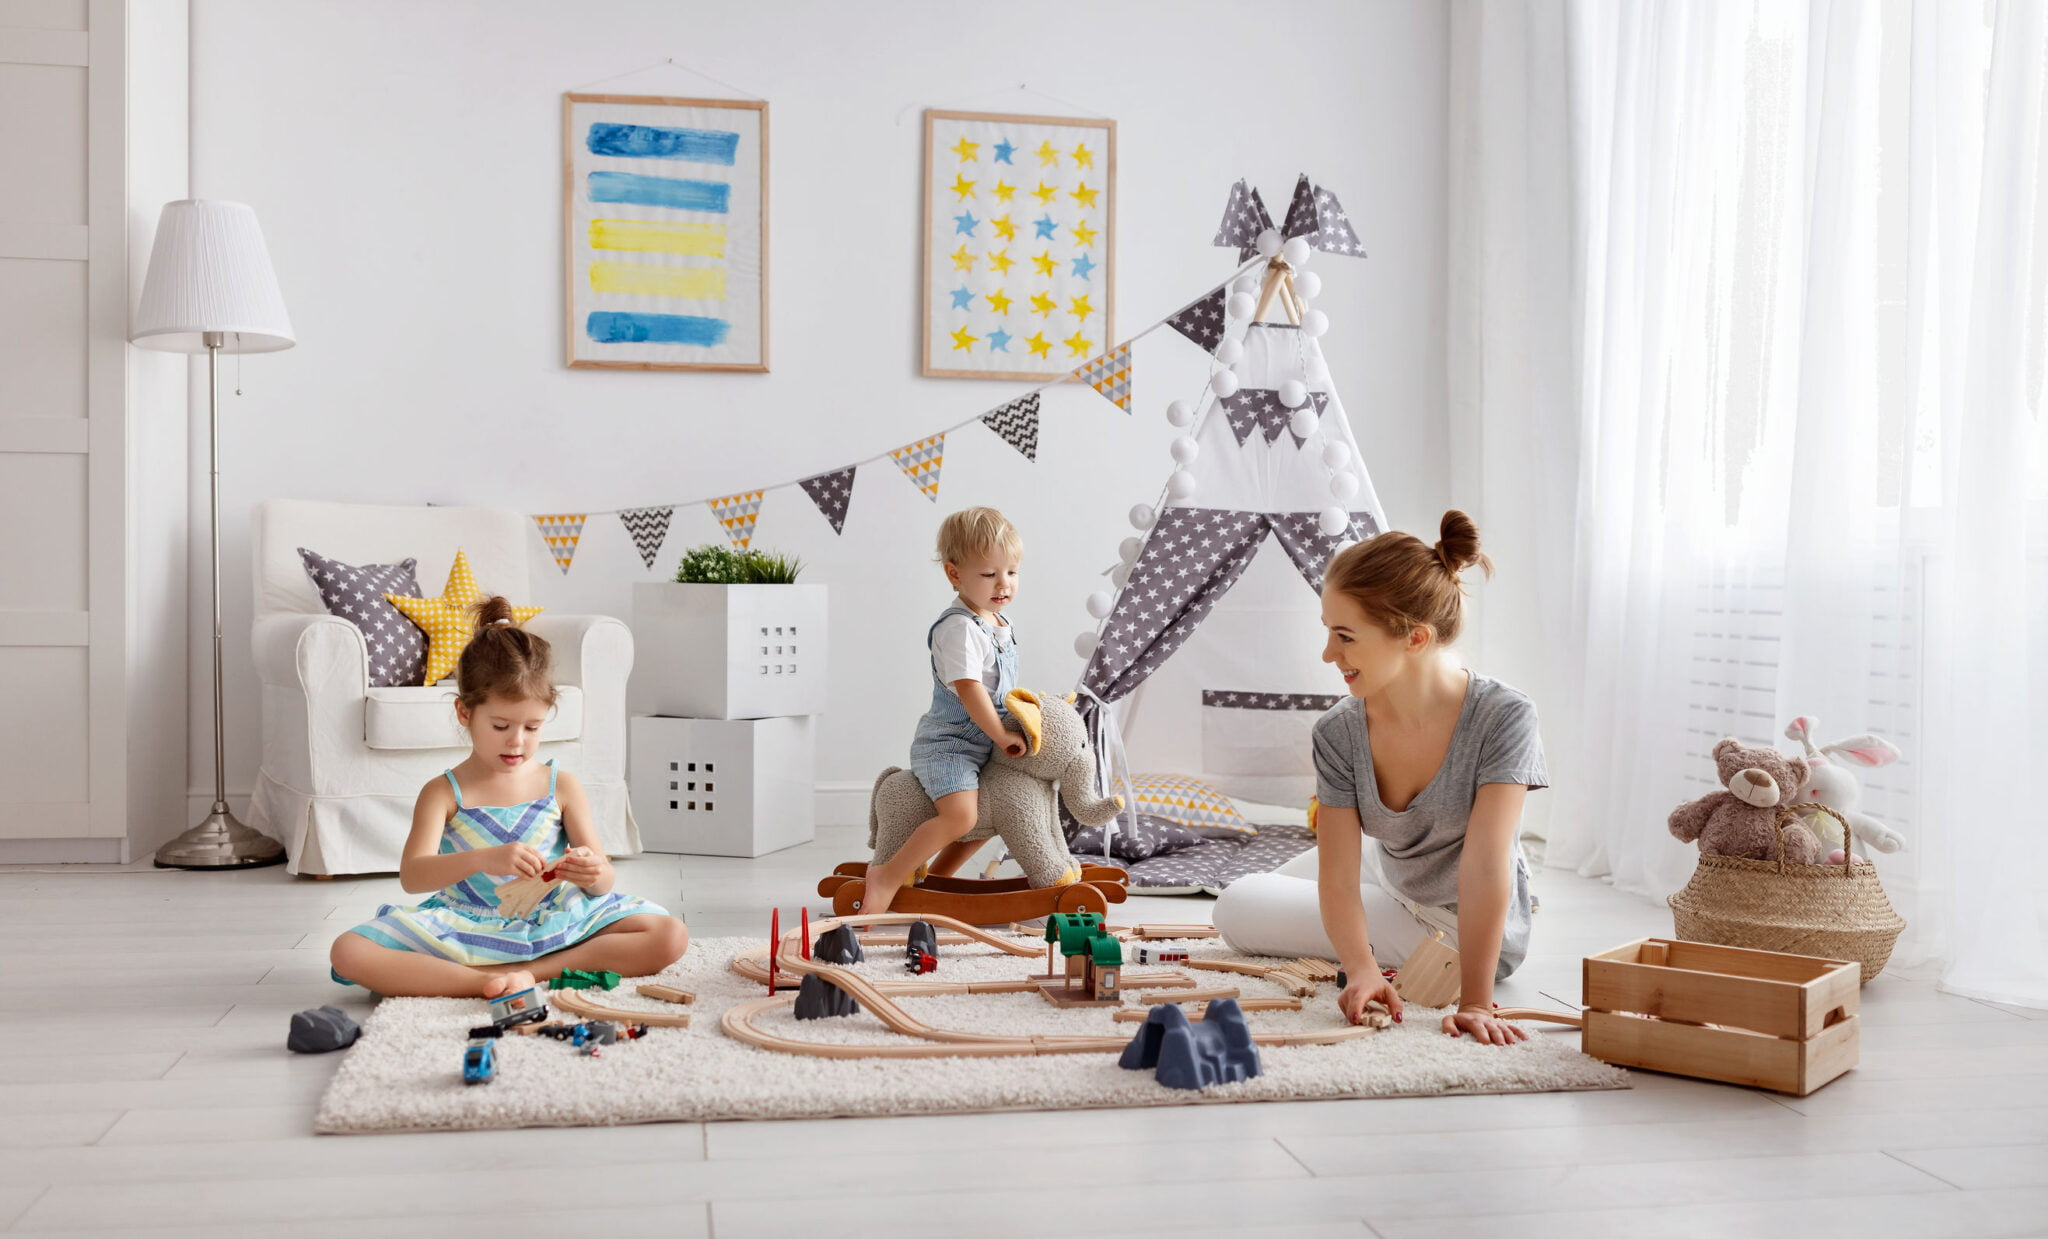 Speelkamer voorbeelden & ideeën voor je kind; met praktische tips van inrichten ook op zolder of hoekje in de woonkamer. - Mamaliefde.nl